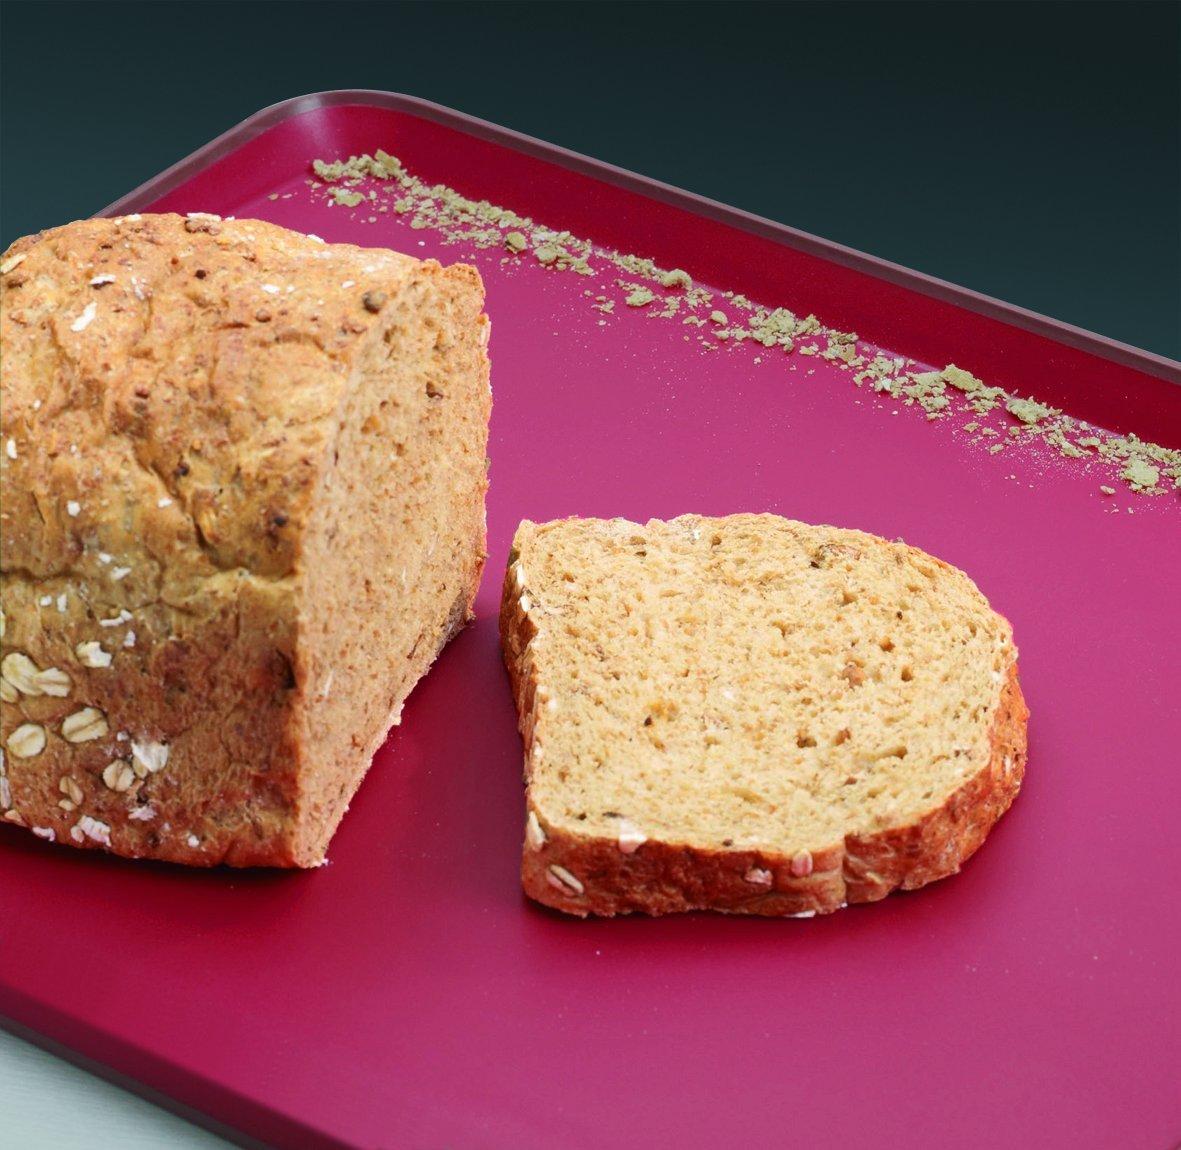 Доска разделочная для мяса Joseph Joseph cut&carve plus, двухсторонняя, 29x22,5x2 см, красный Joseph Joseph 60014 фото 4